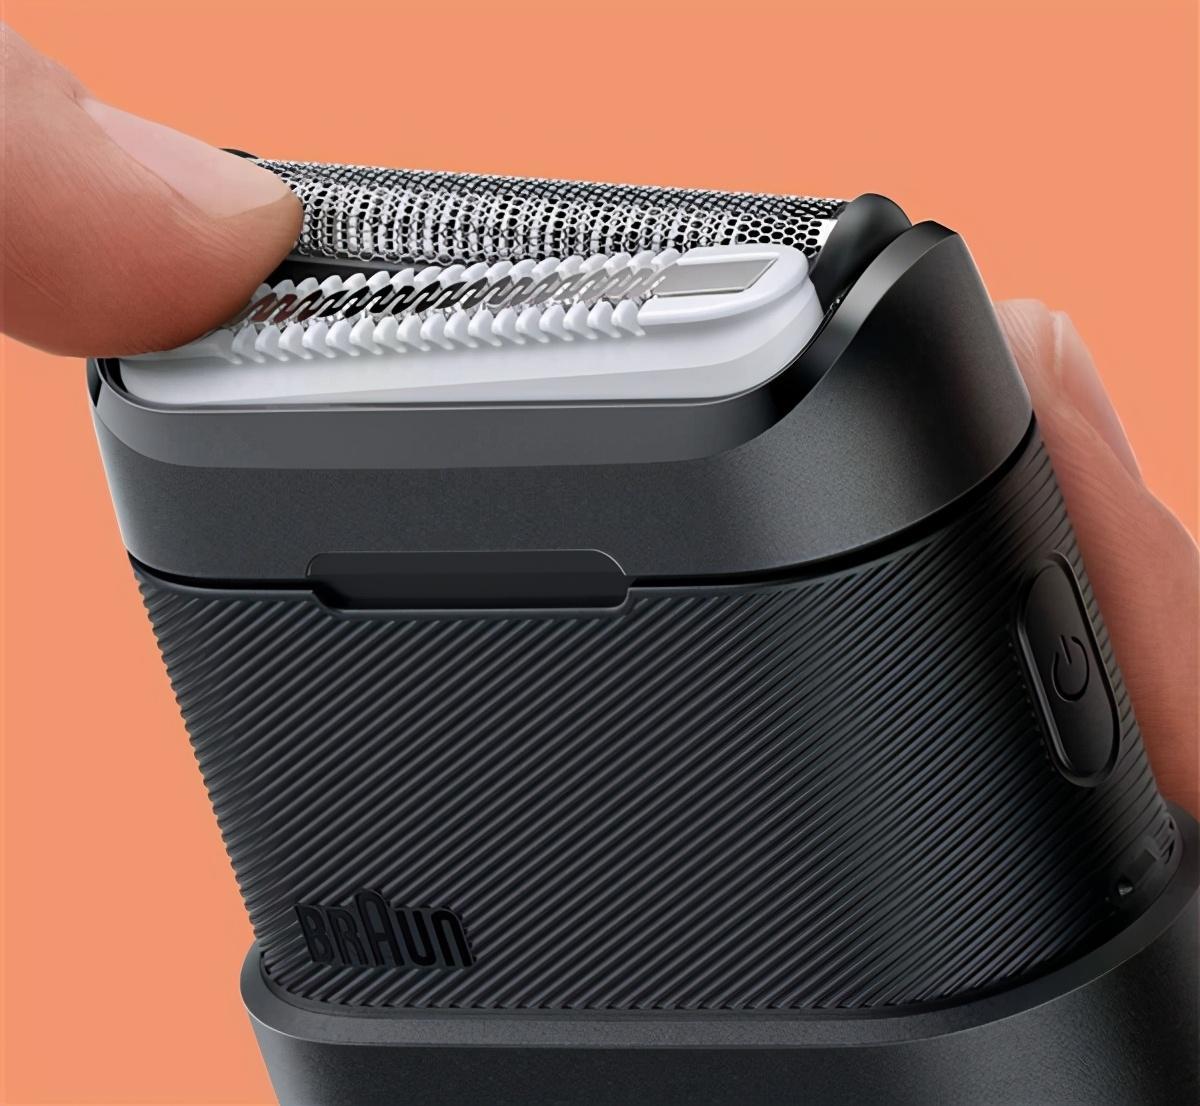 新款小新Pro 14搭载第11代酷睿;米家博朗电动剃须刀发布